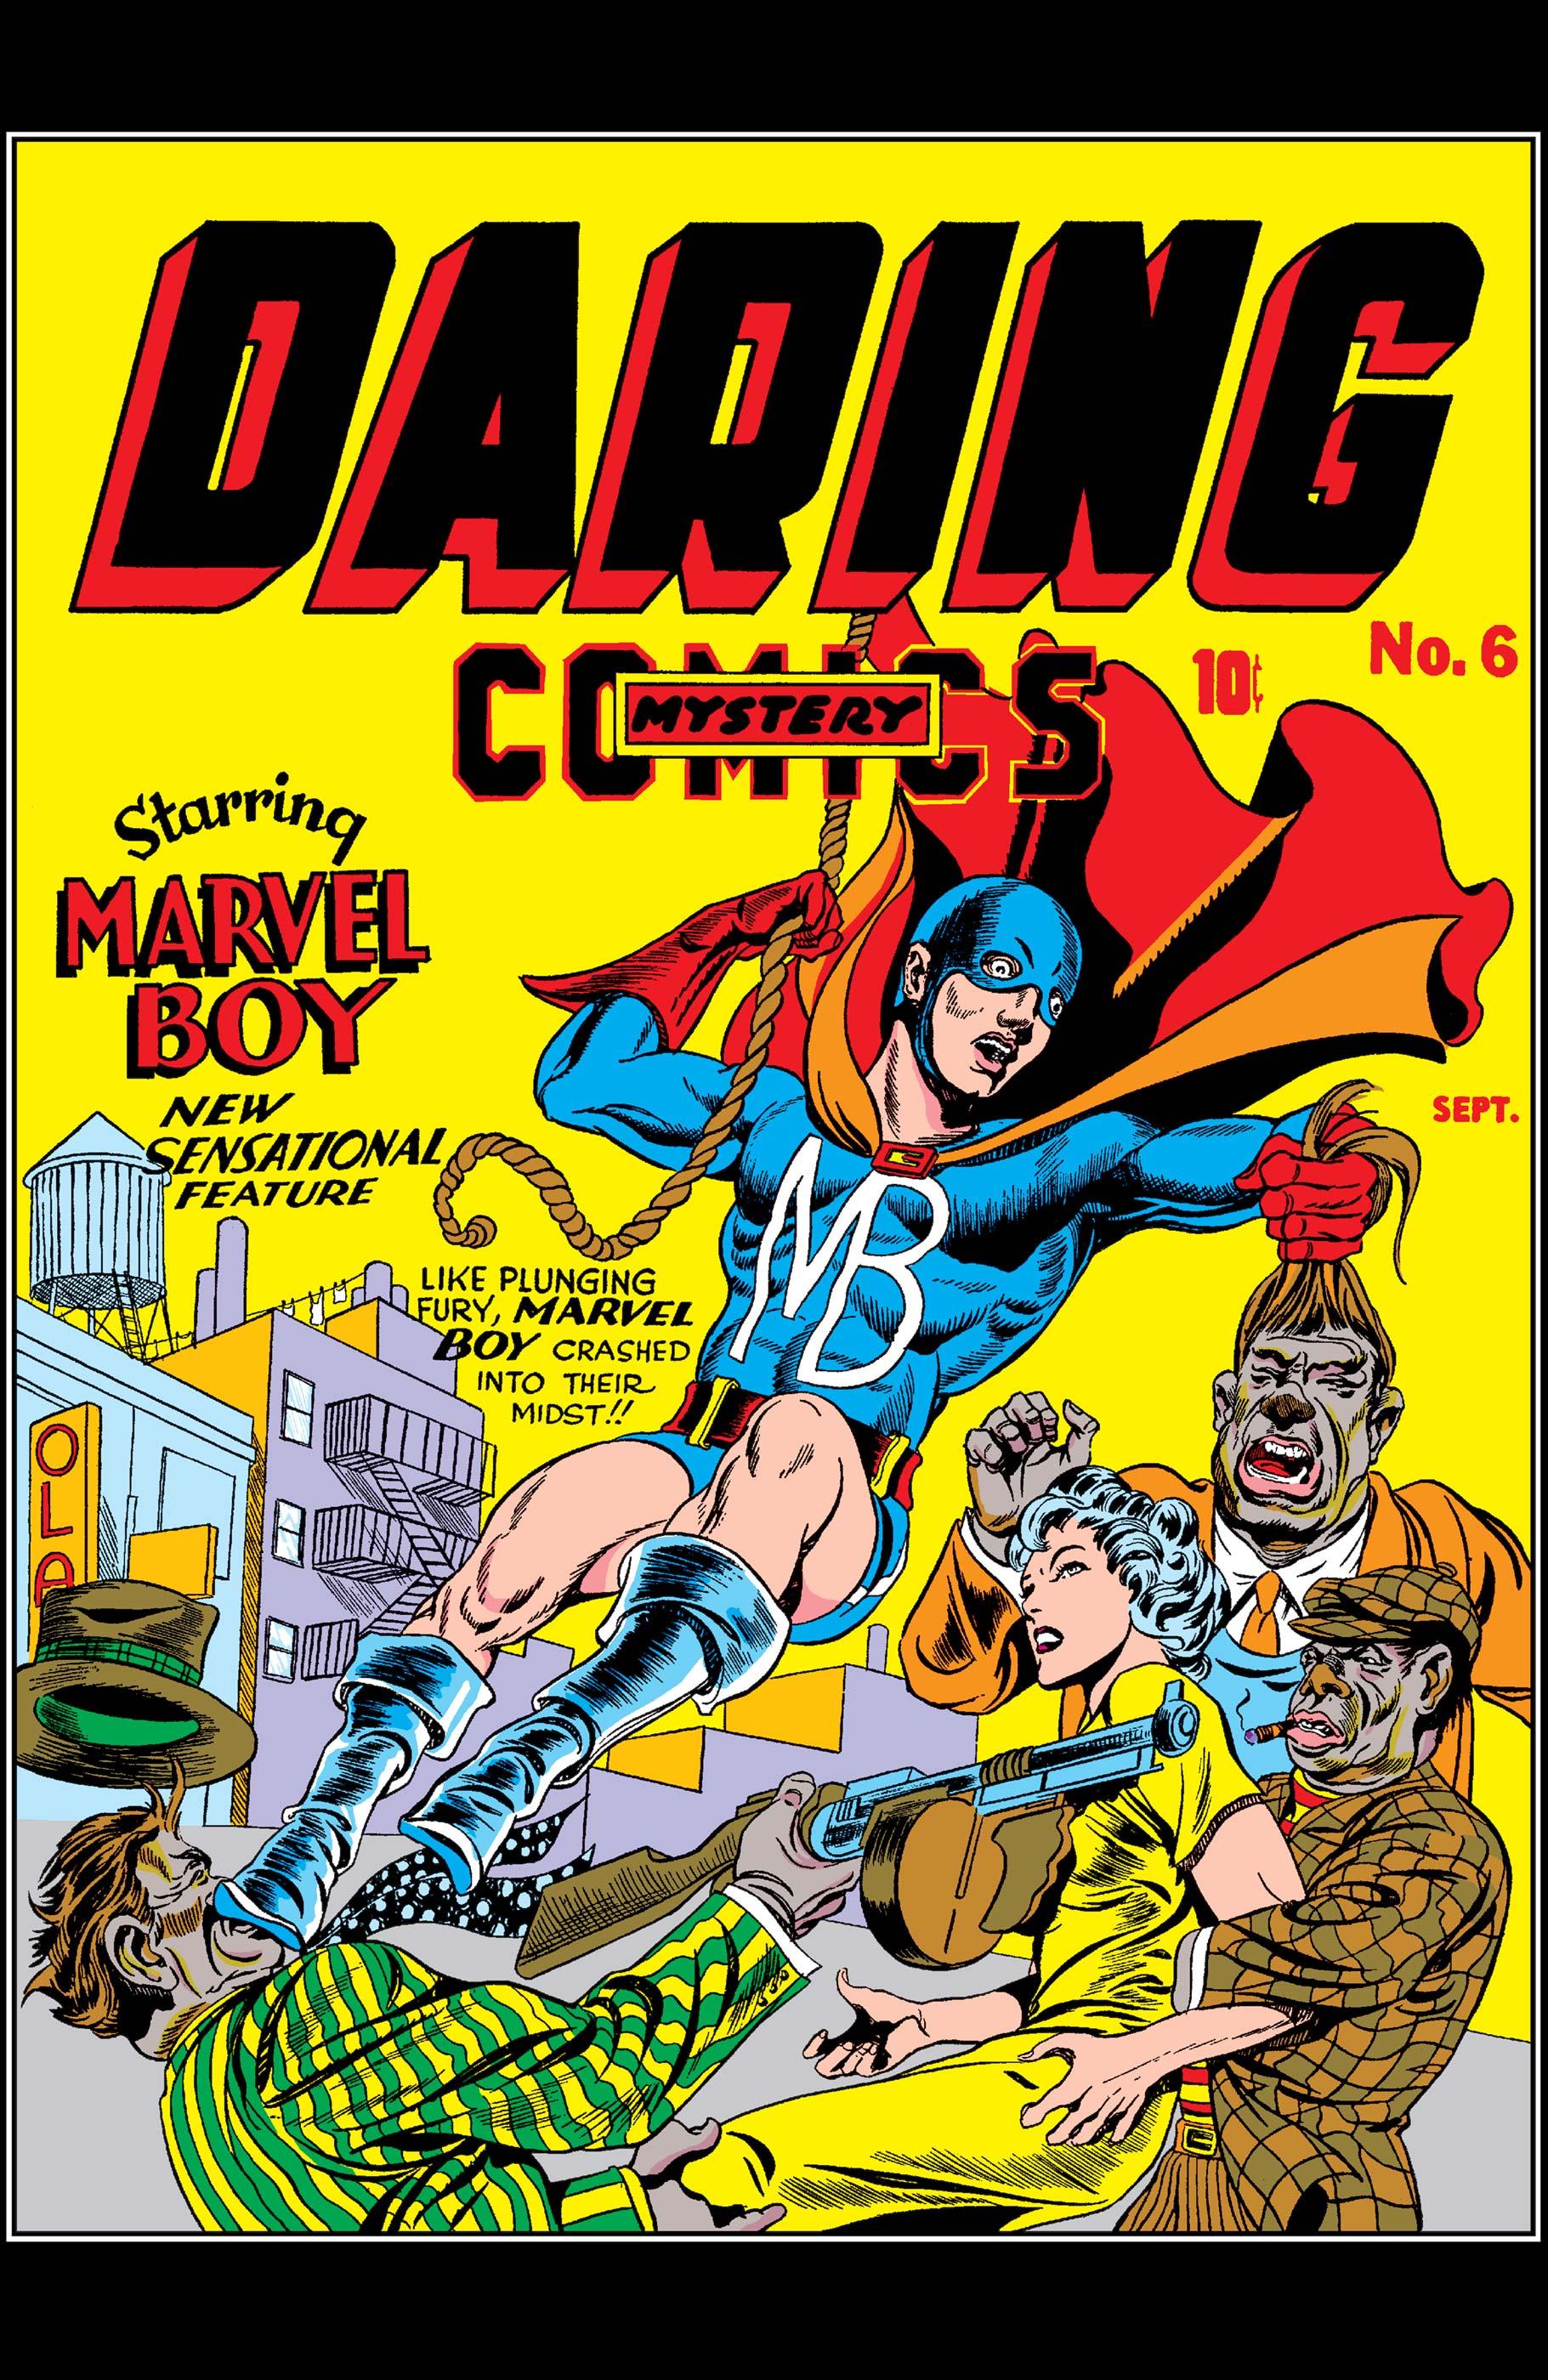 Daring Mystery Comics (1940) #6